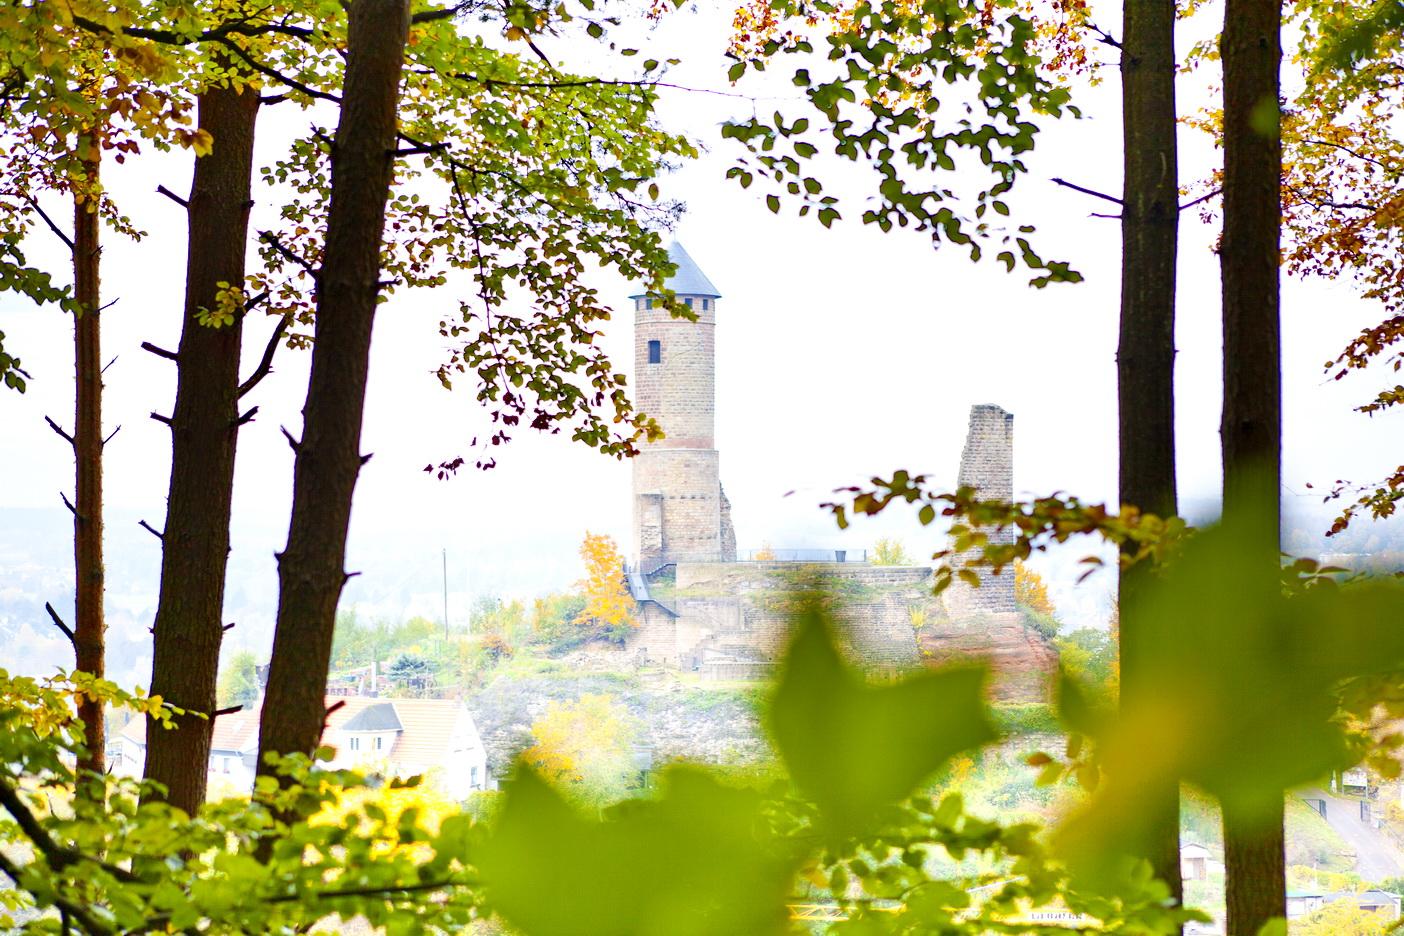 Kirkeler Burg vom Wald